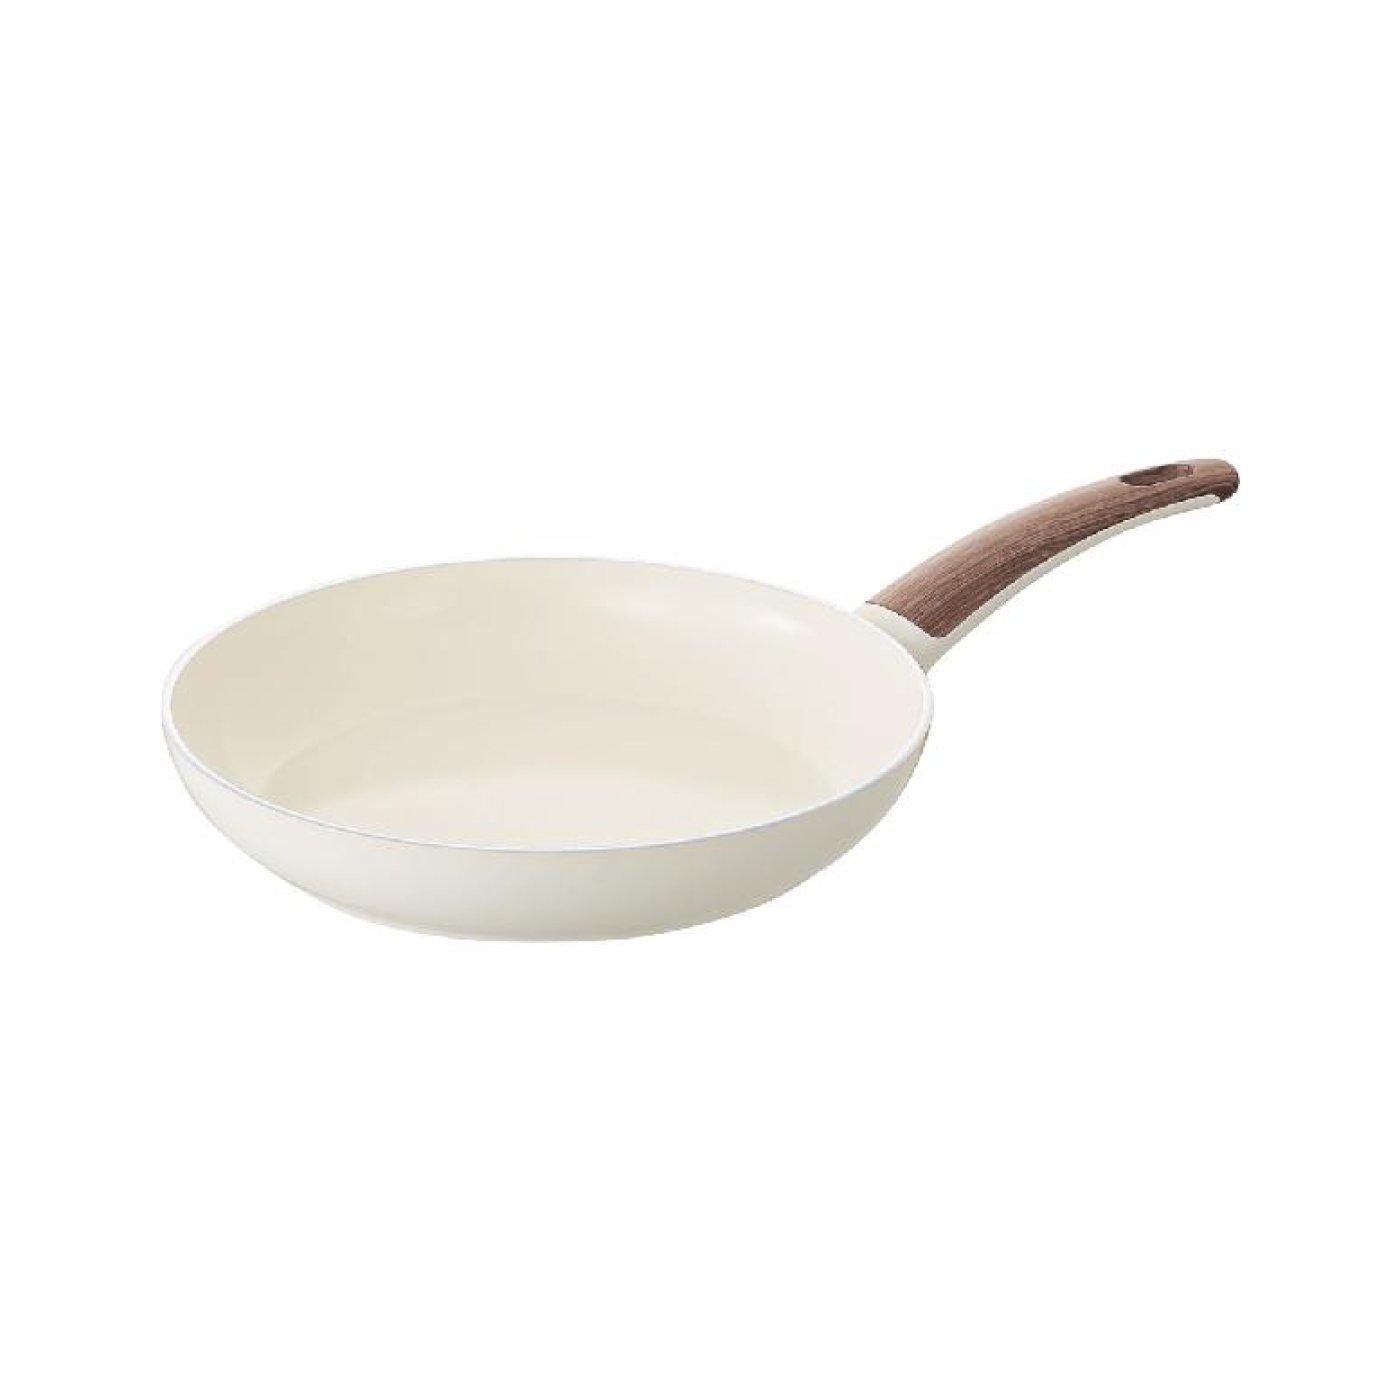 グリーンパン ウッドビー フッ素不使用 セラミックフライパン(26cm)